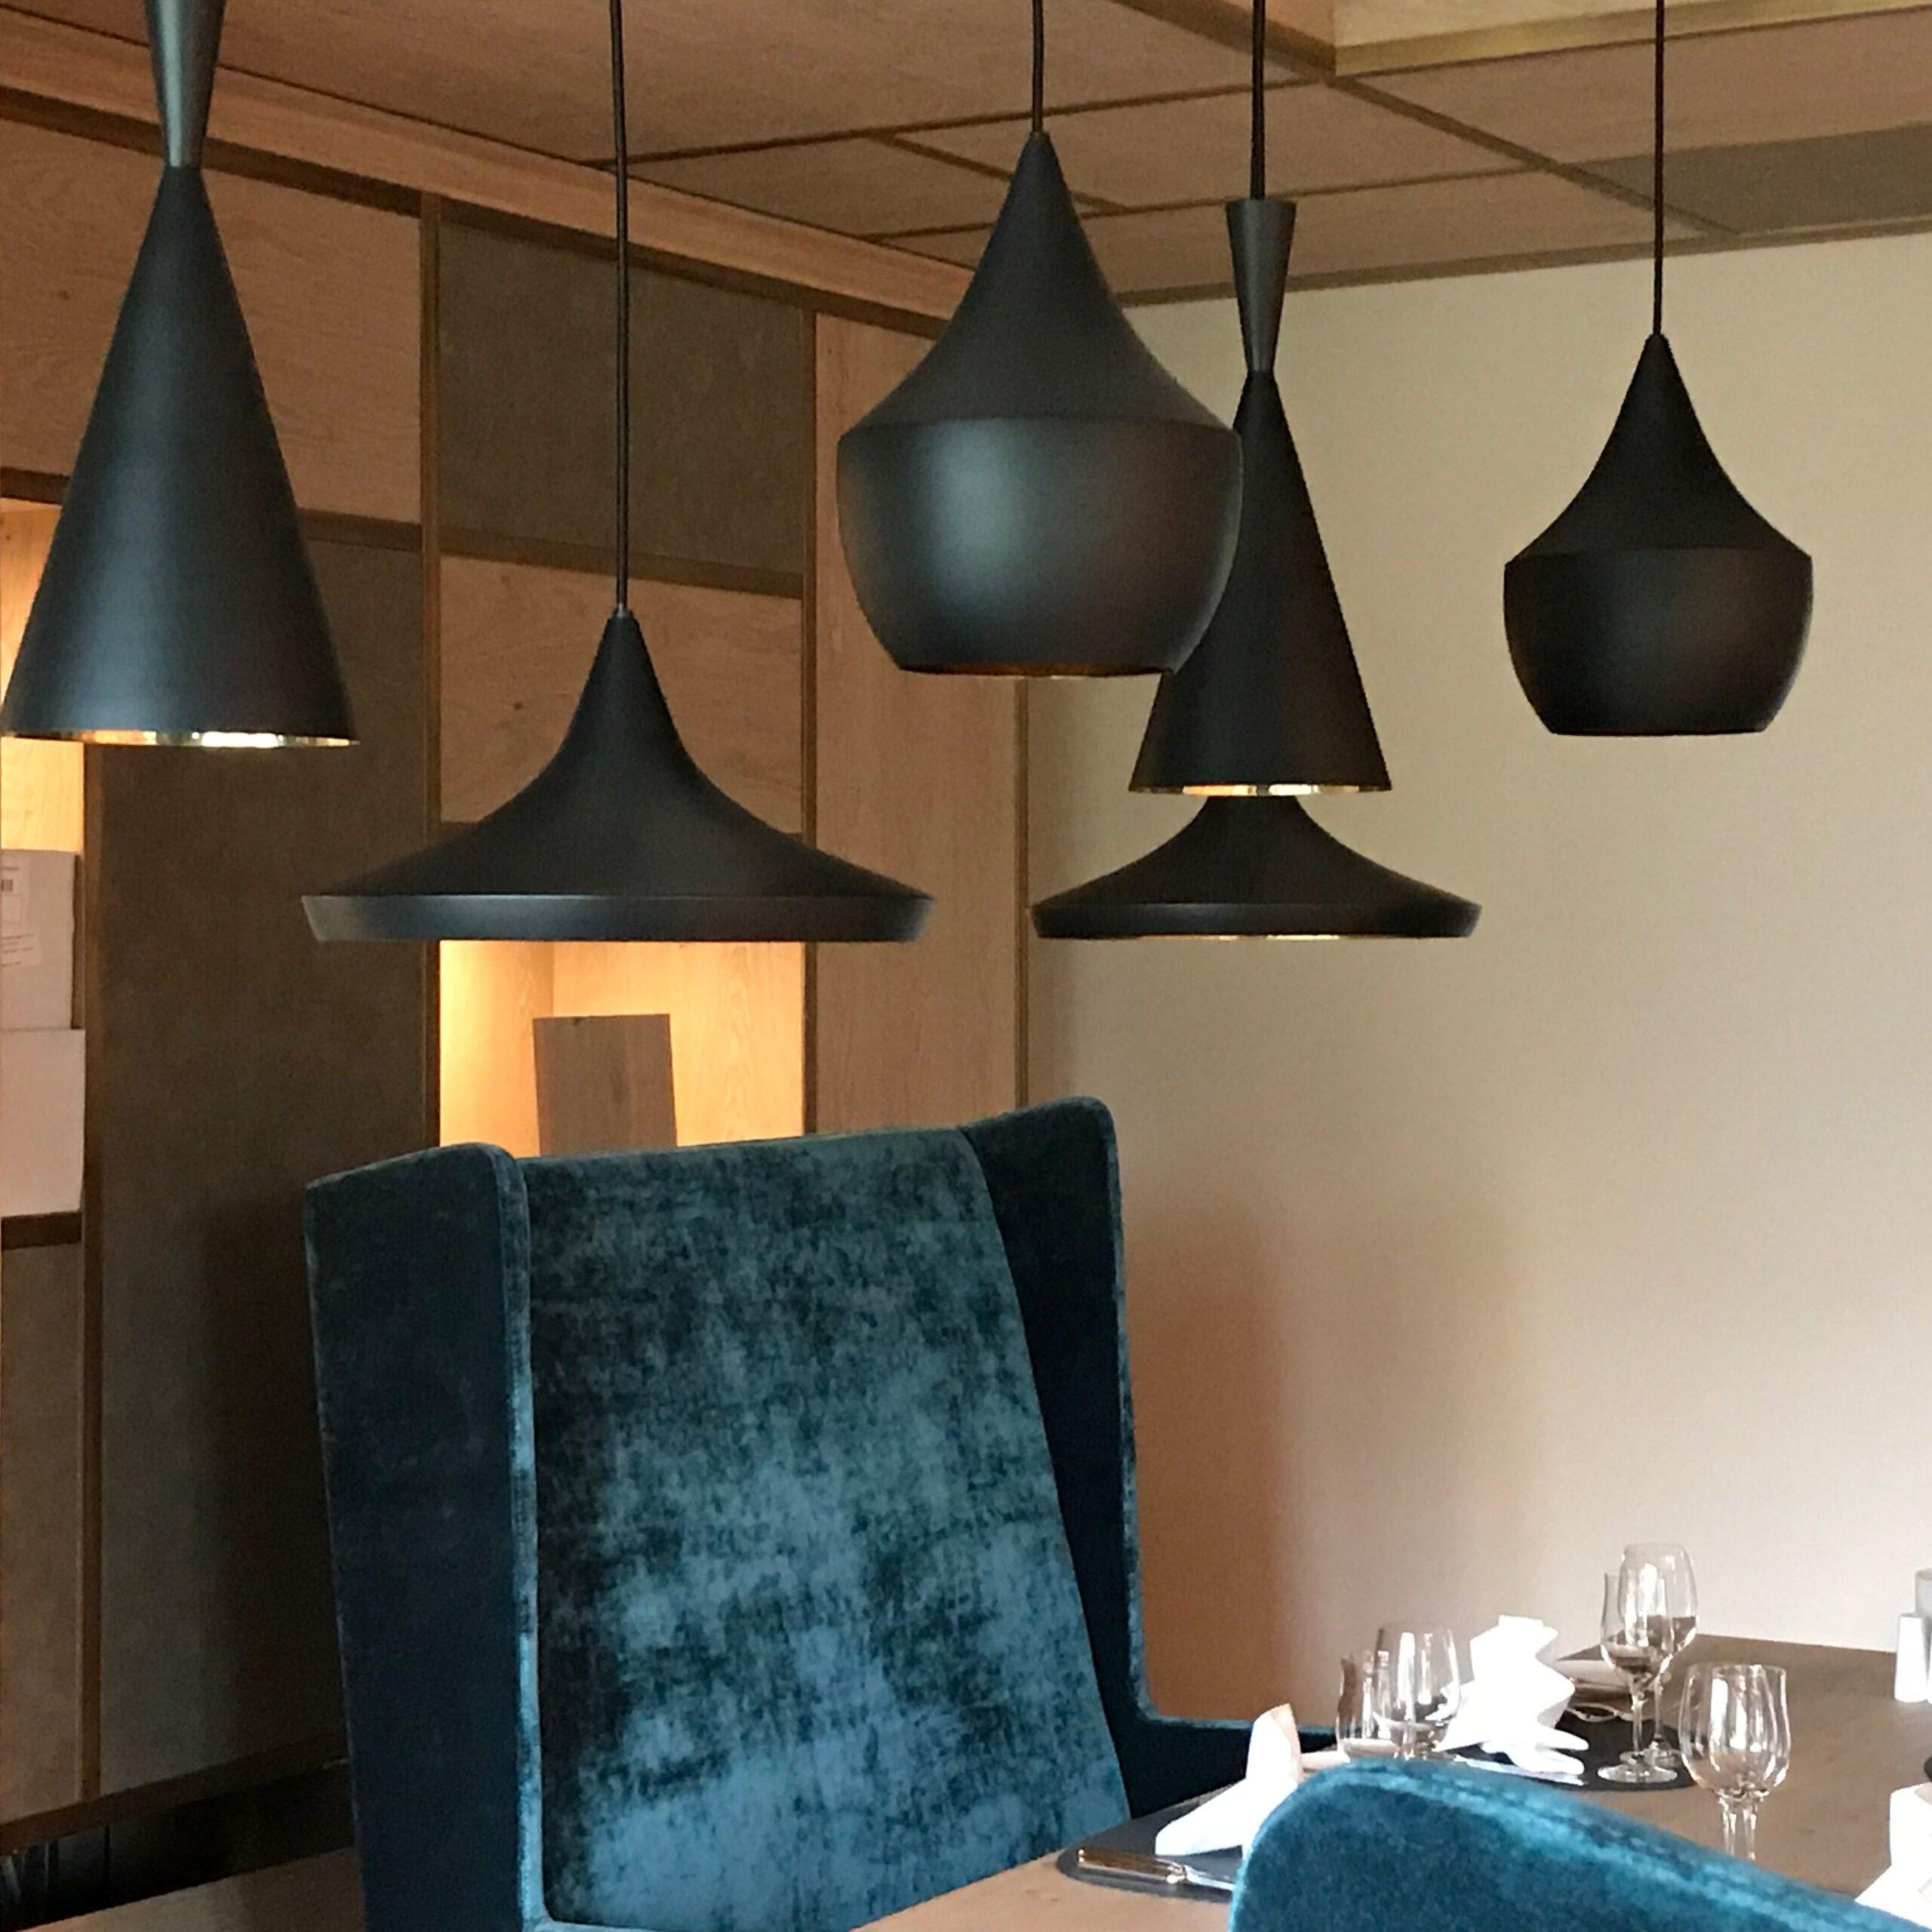 Full Size of Moderne Esszimmerlampen Deckenlampen Deckenbeleuchtung Esszimmerbeleuchtung Duschen Modernes Sofa Deckenleuchte Wohnzimmer Bilder Fürs Bett Landhausküche Wohnzimmer Moderne Esszimmerlampen